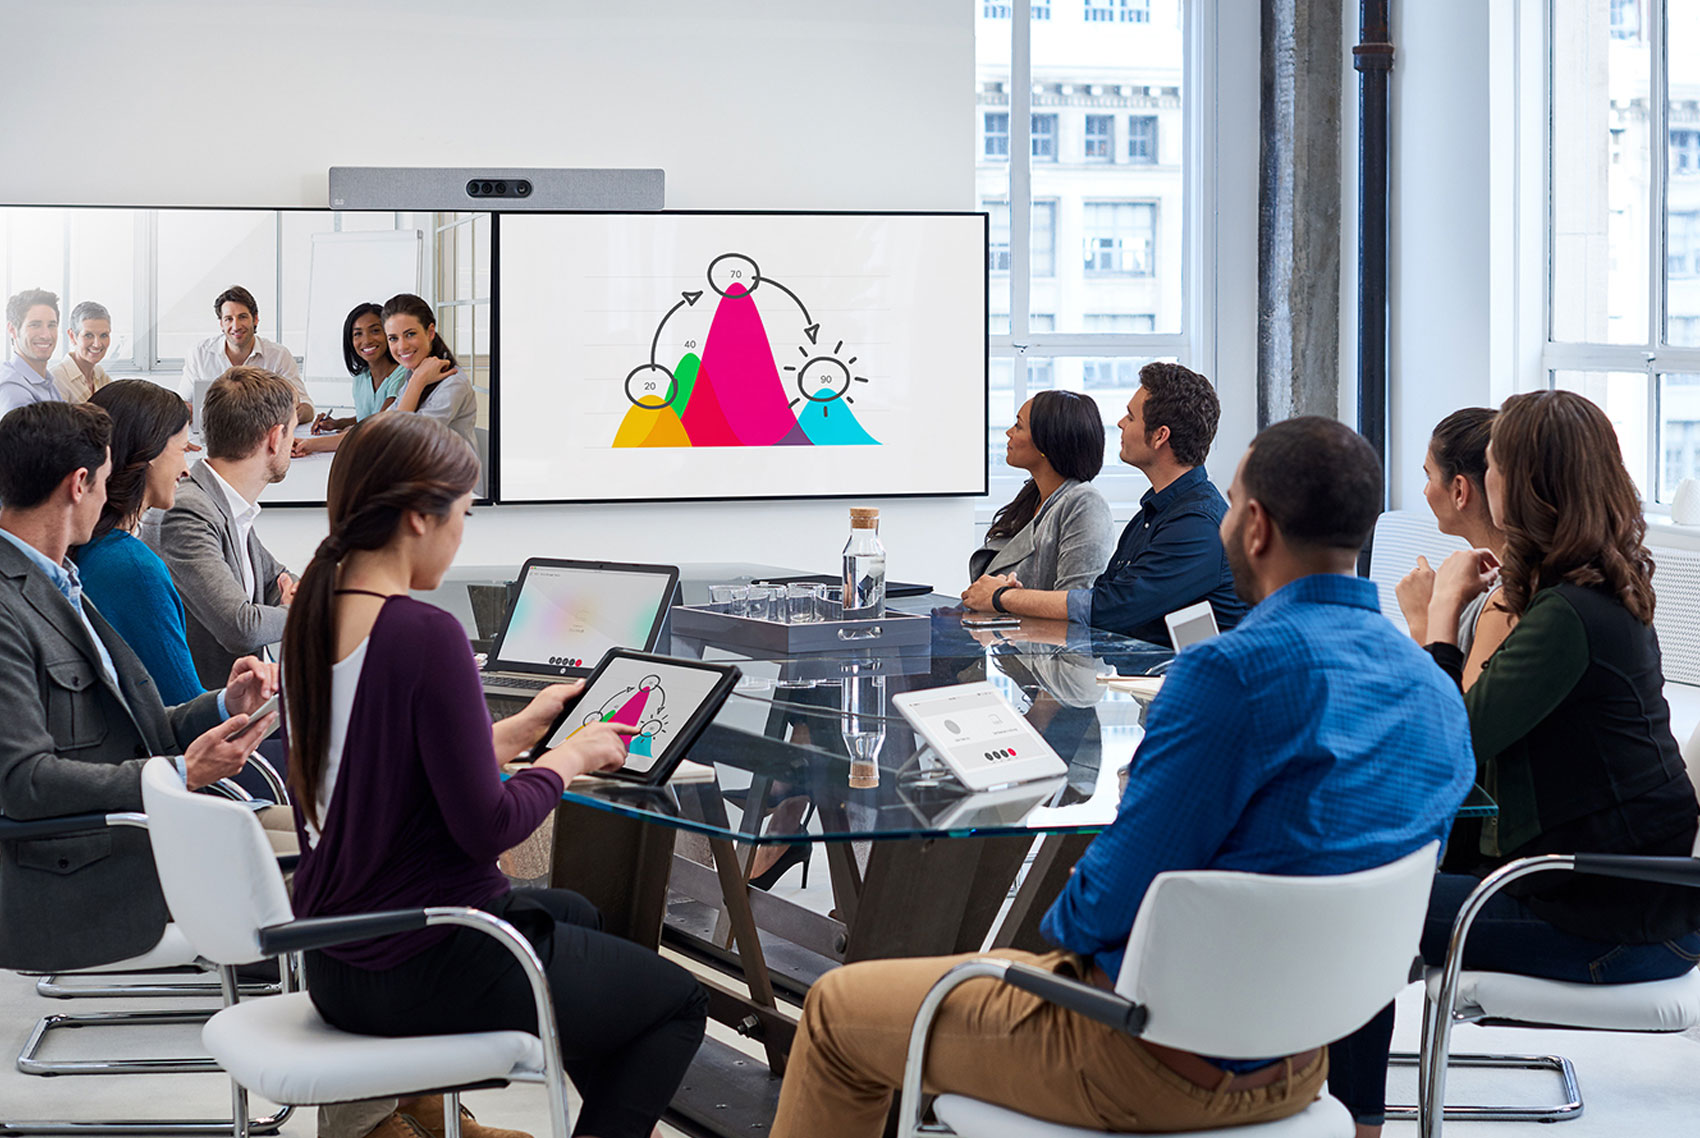 Cómo funciona Webex Teams y qué le permite hacer: características clave